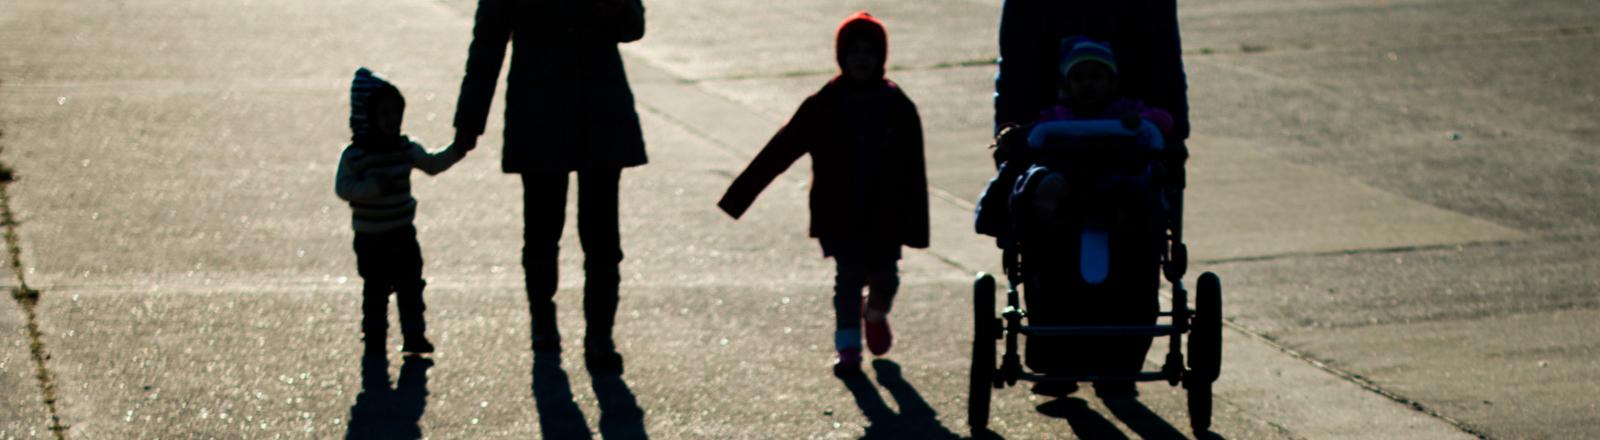 Flüchtlingsfamilie von hinten im Gegenlicht aufgenommen